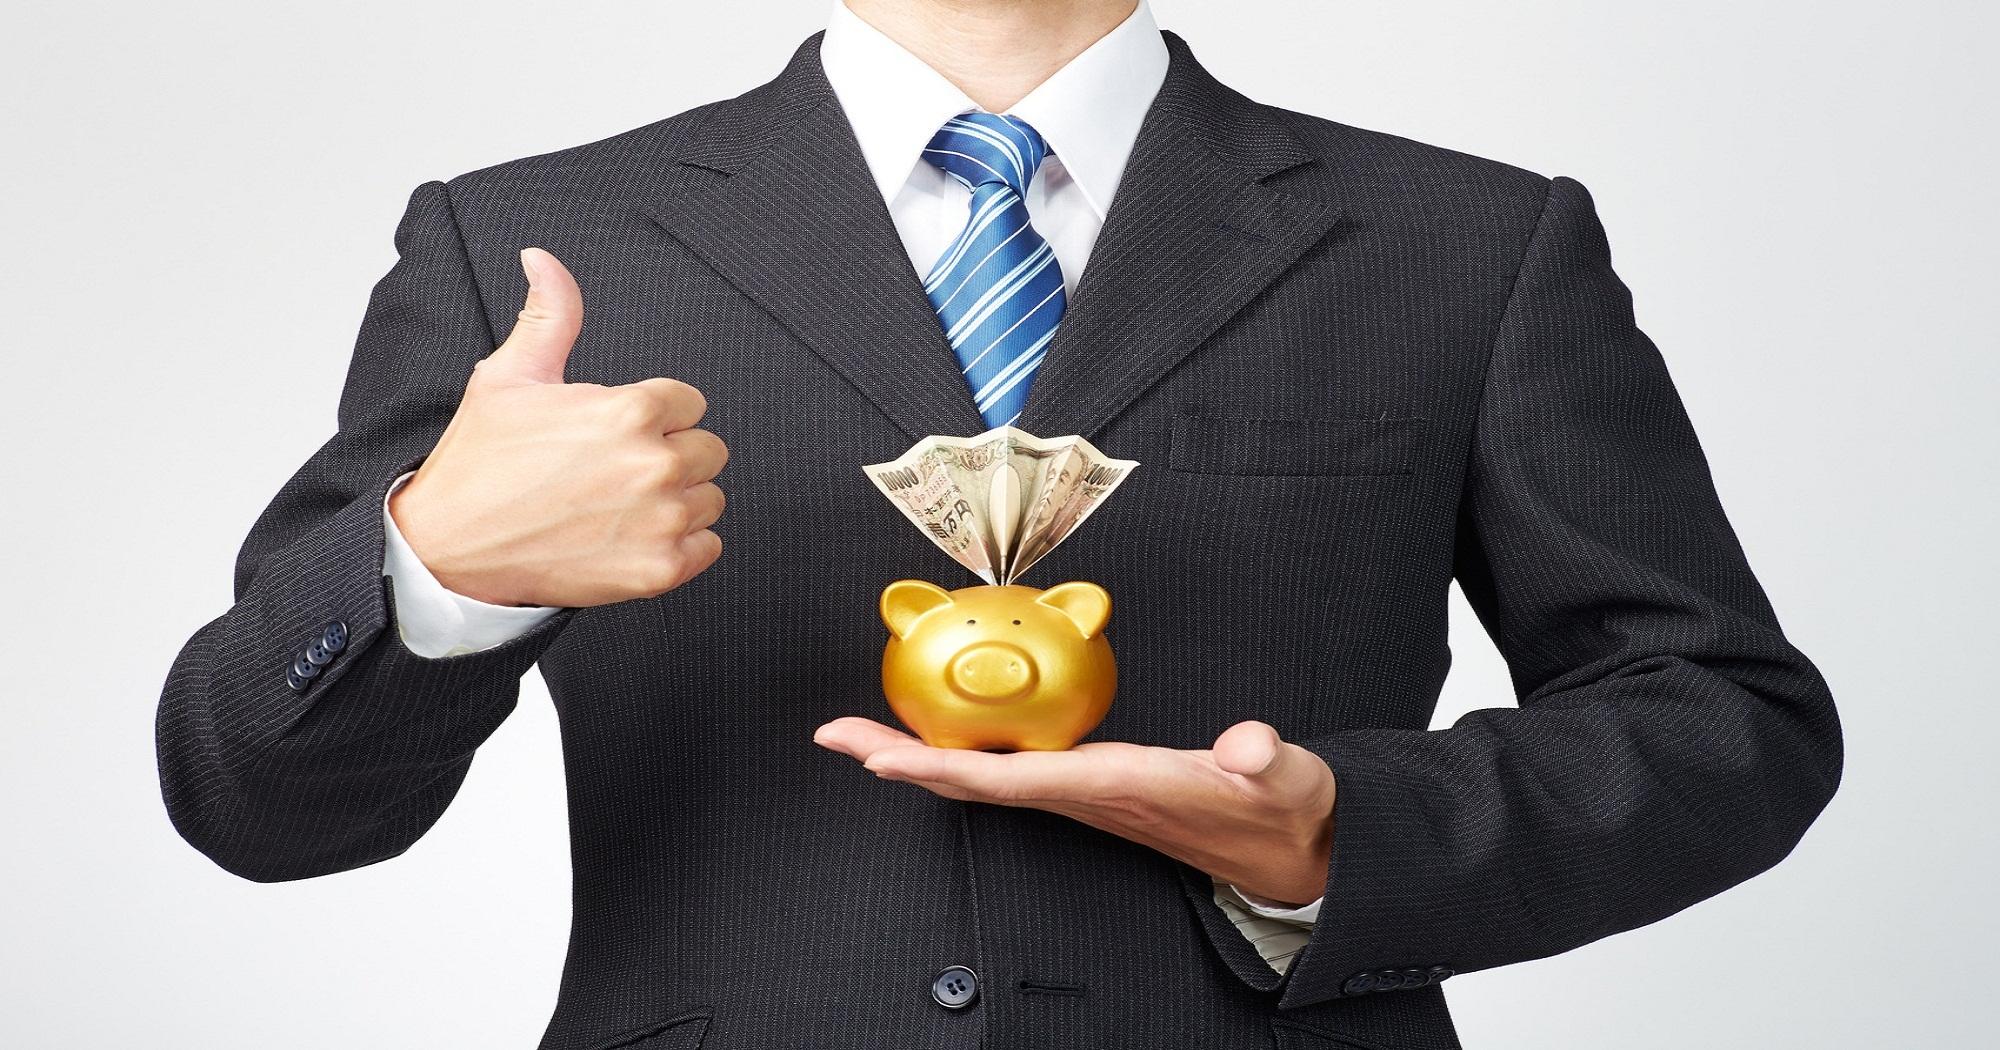 1日10秒書くだけで、お金が貯まる!税理士が考えた「1行家計簿」とは?